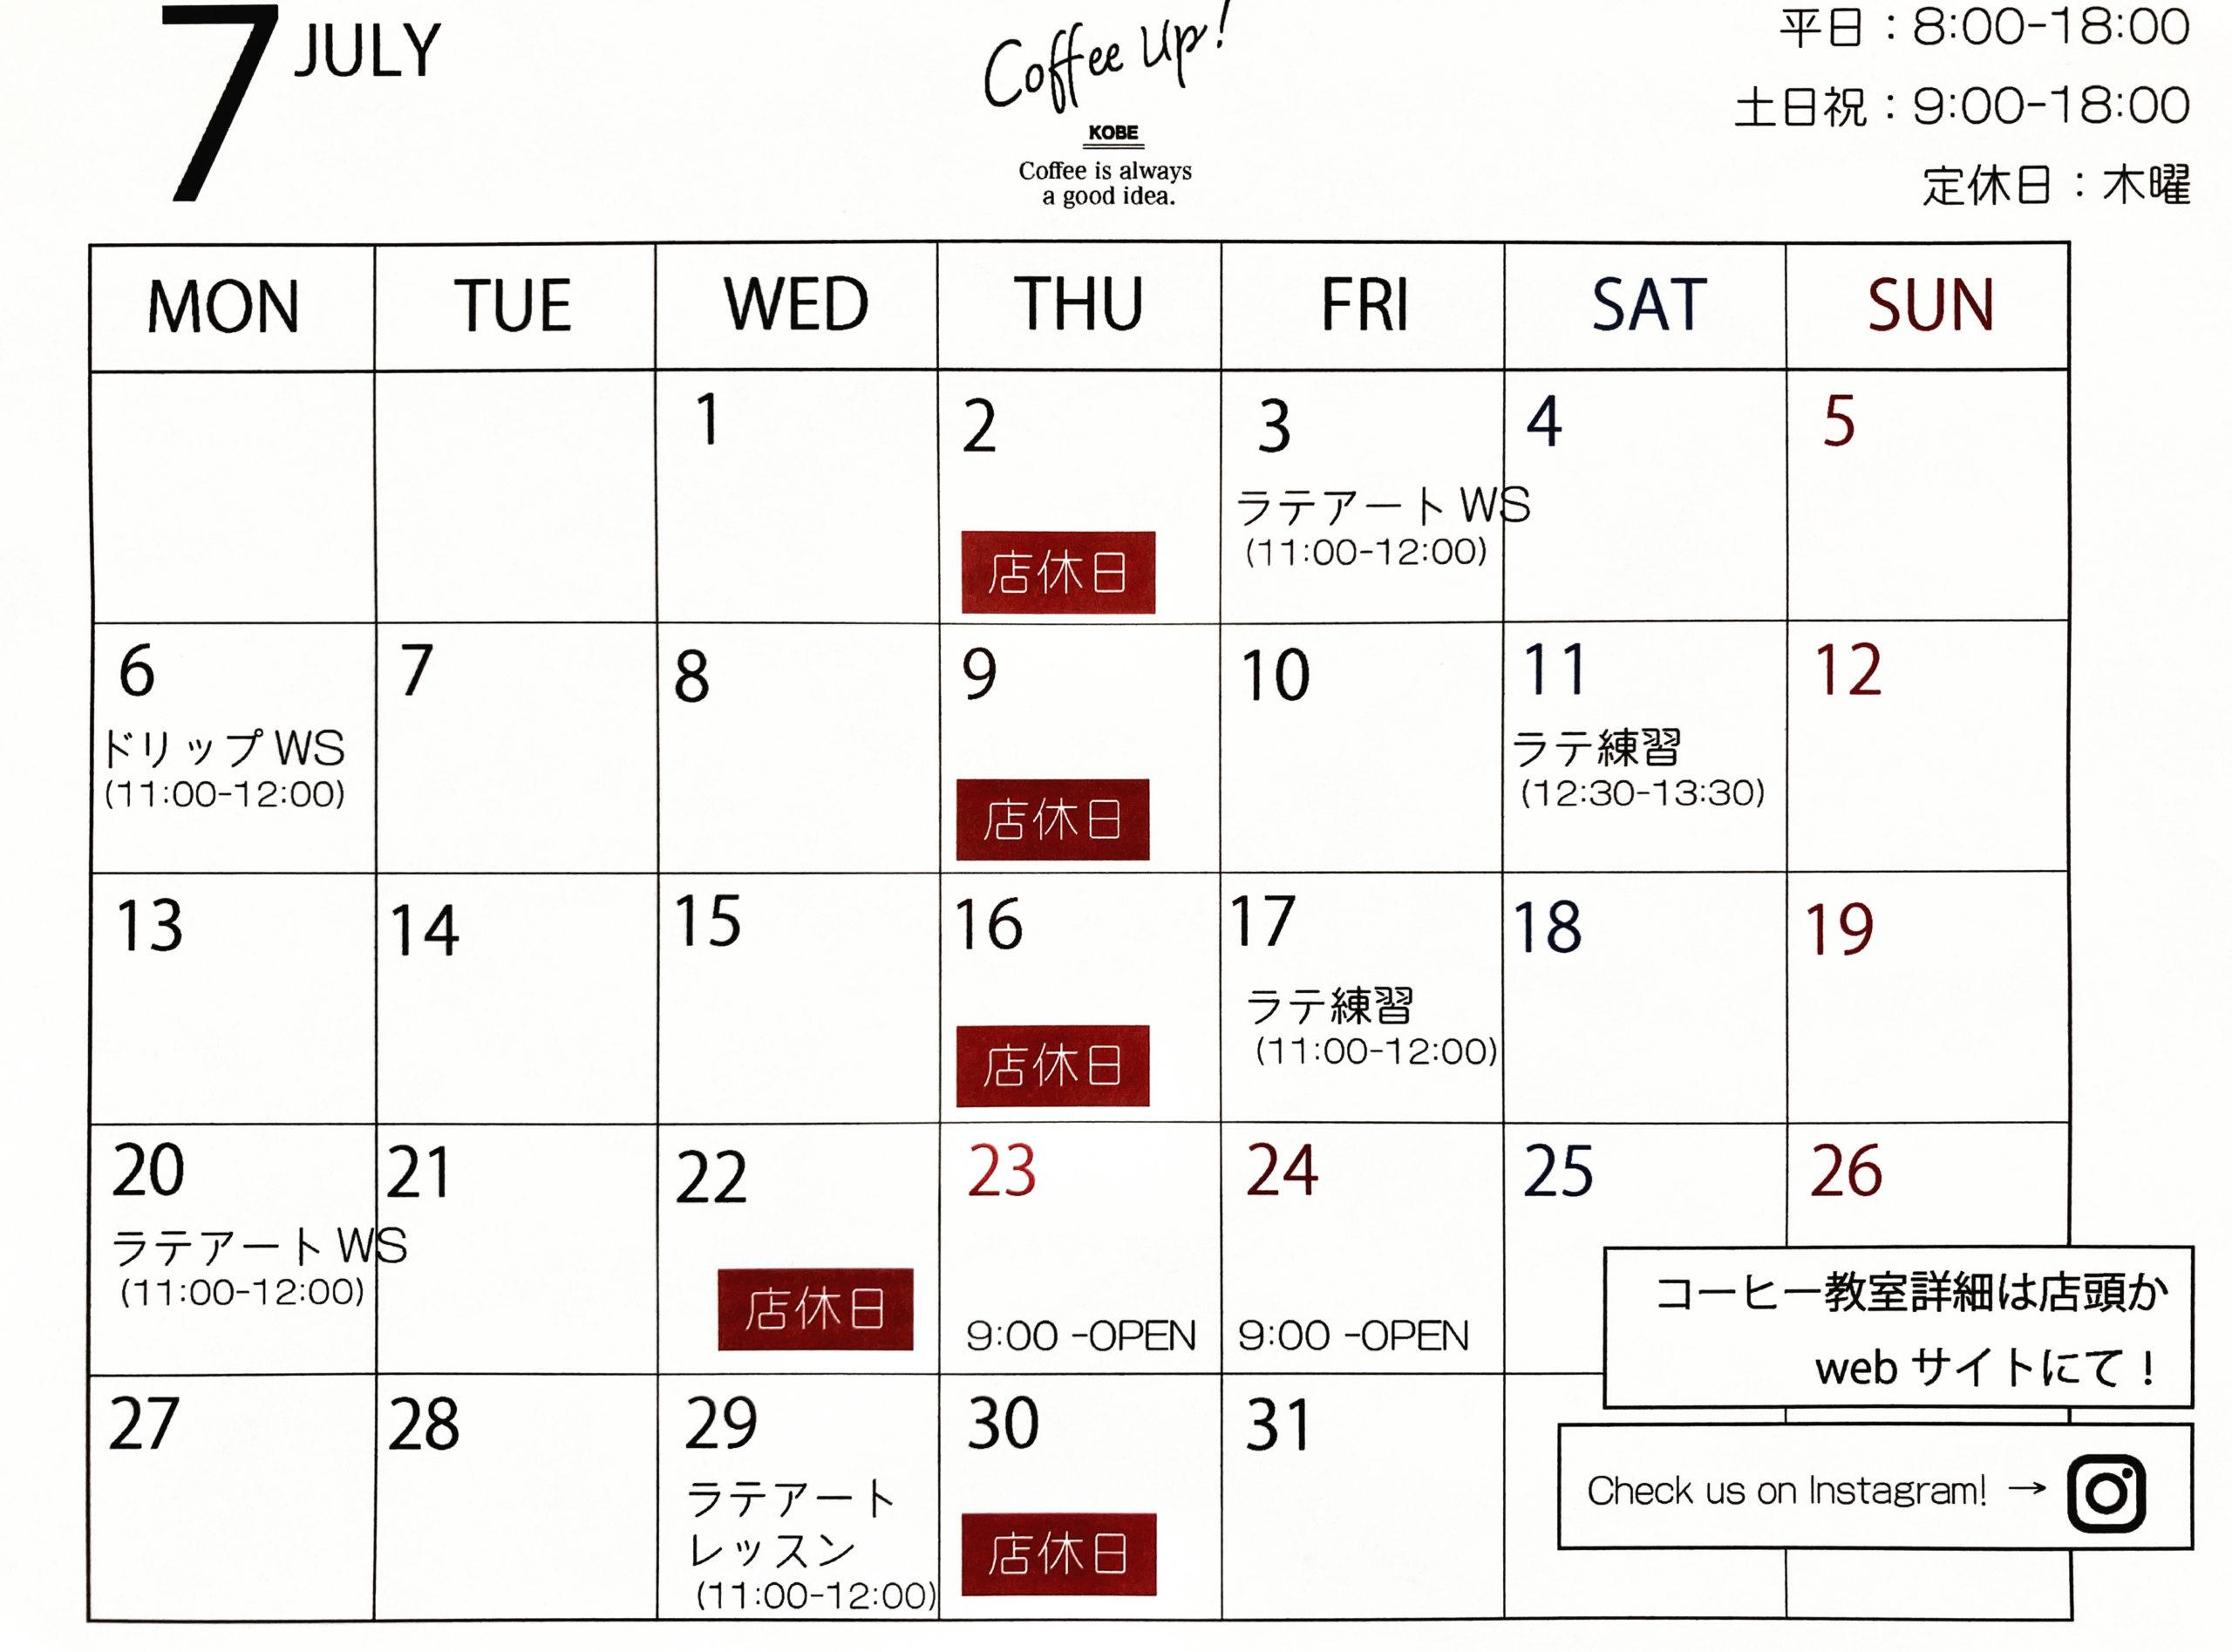 コーヒーアップワークショップ7月のカレンダー